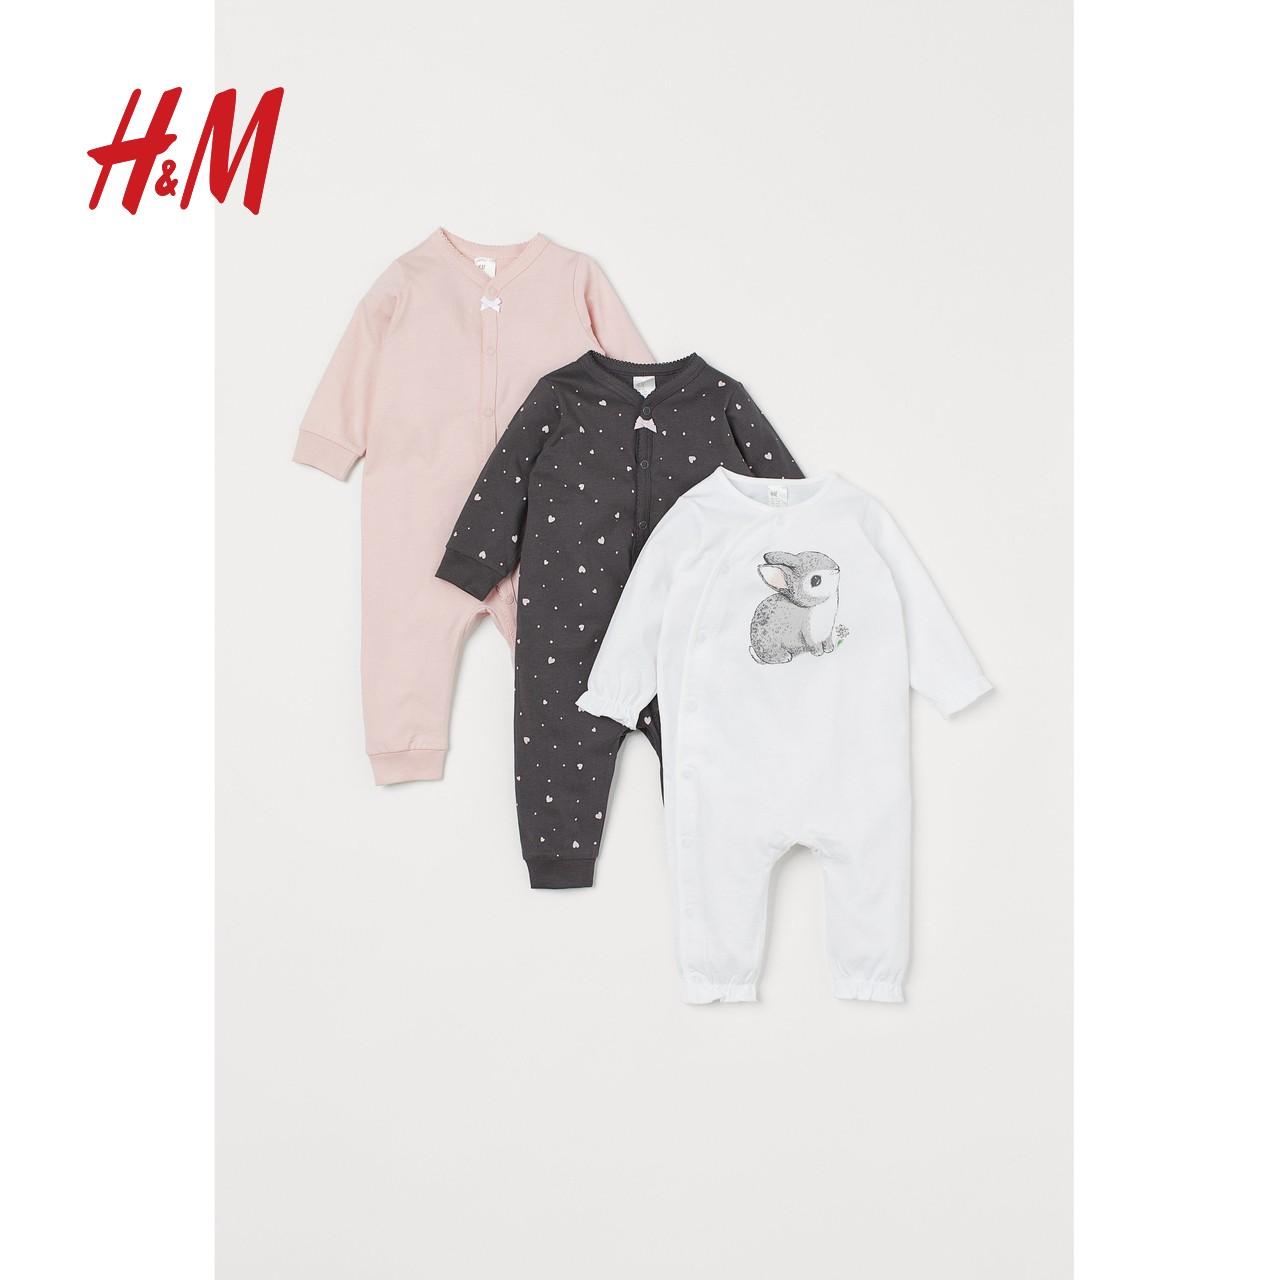 H&M 婴儿连体家居服 3件套